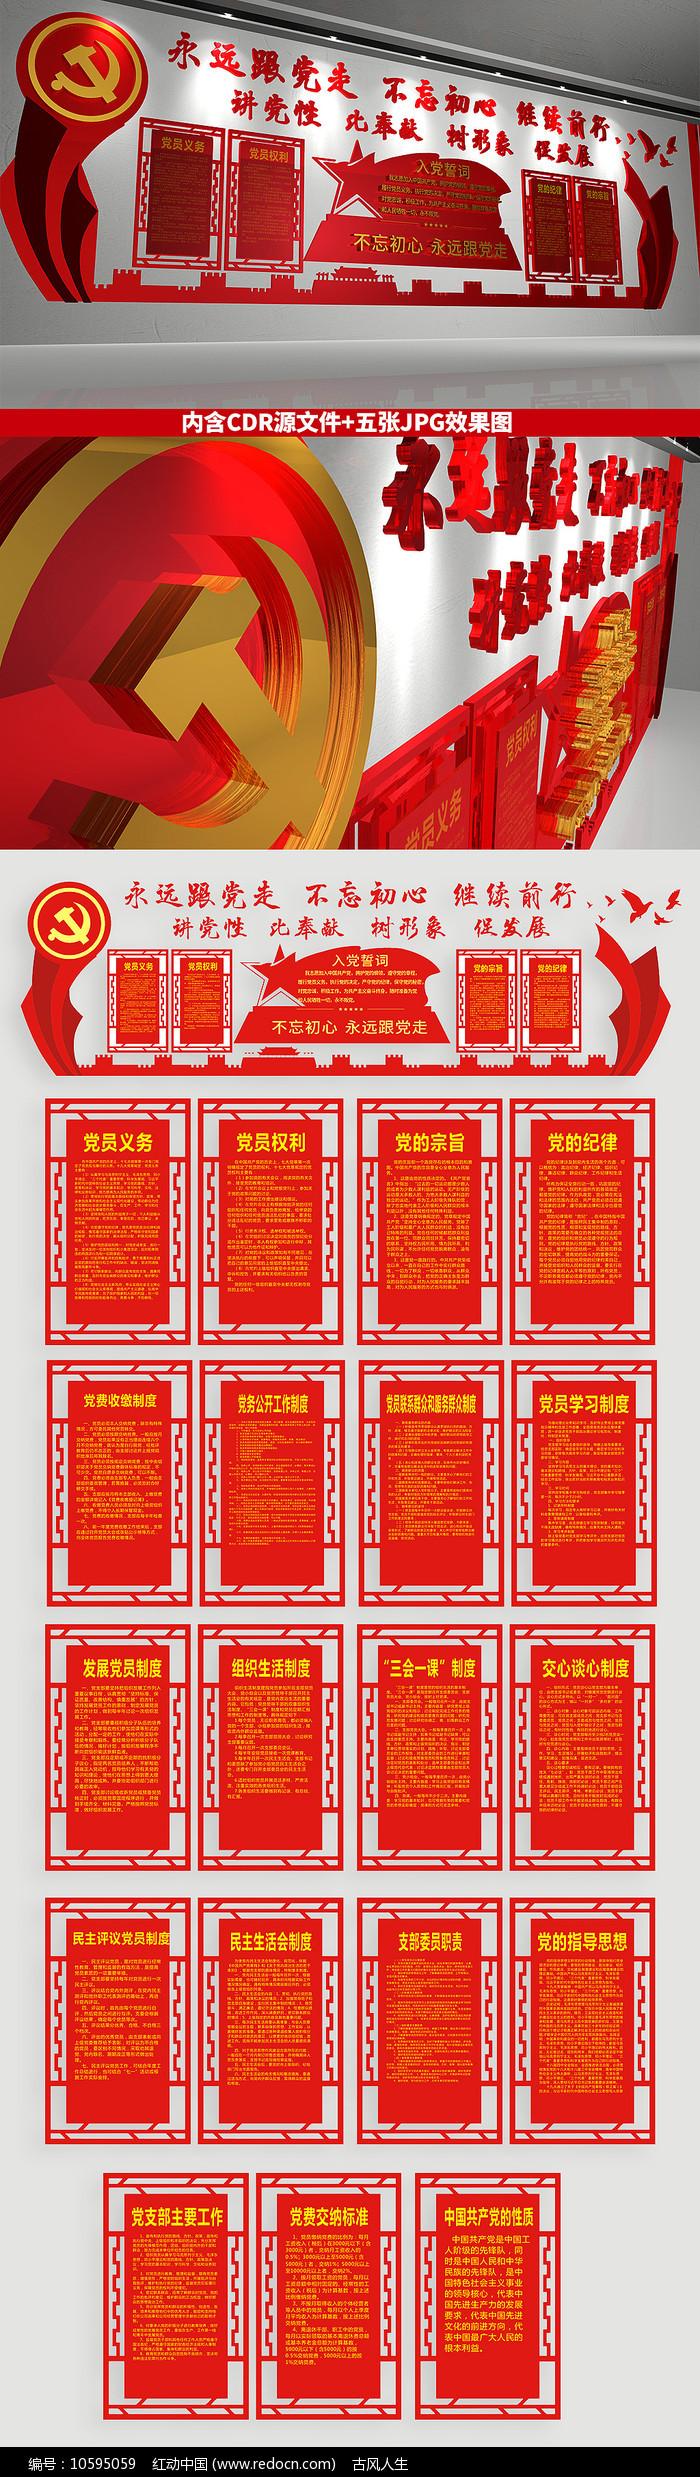 创意党建活动室党建文化墙图片